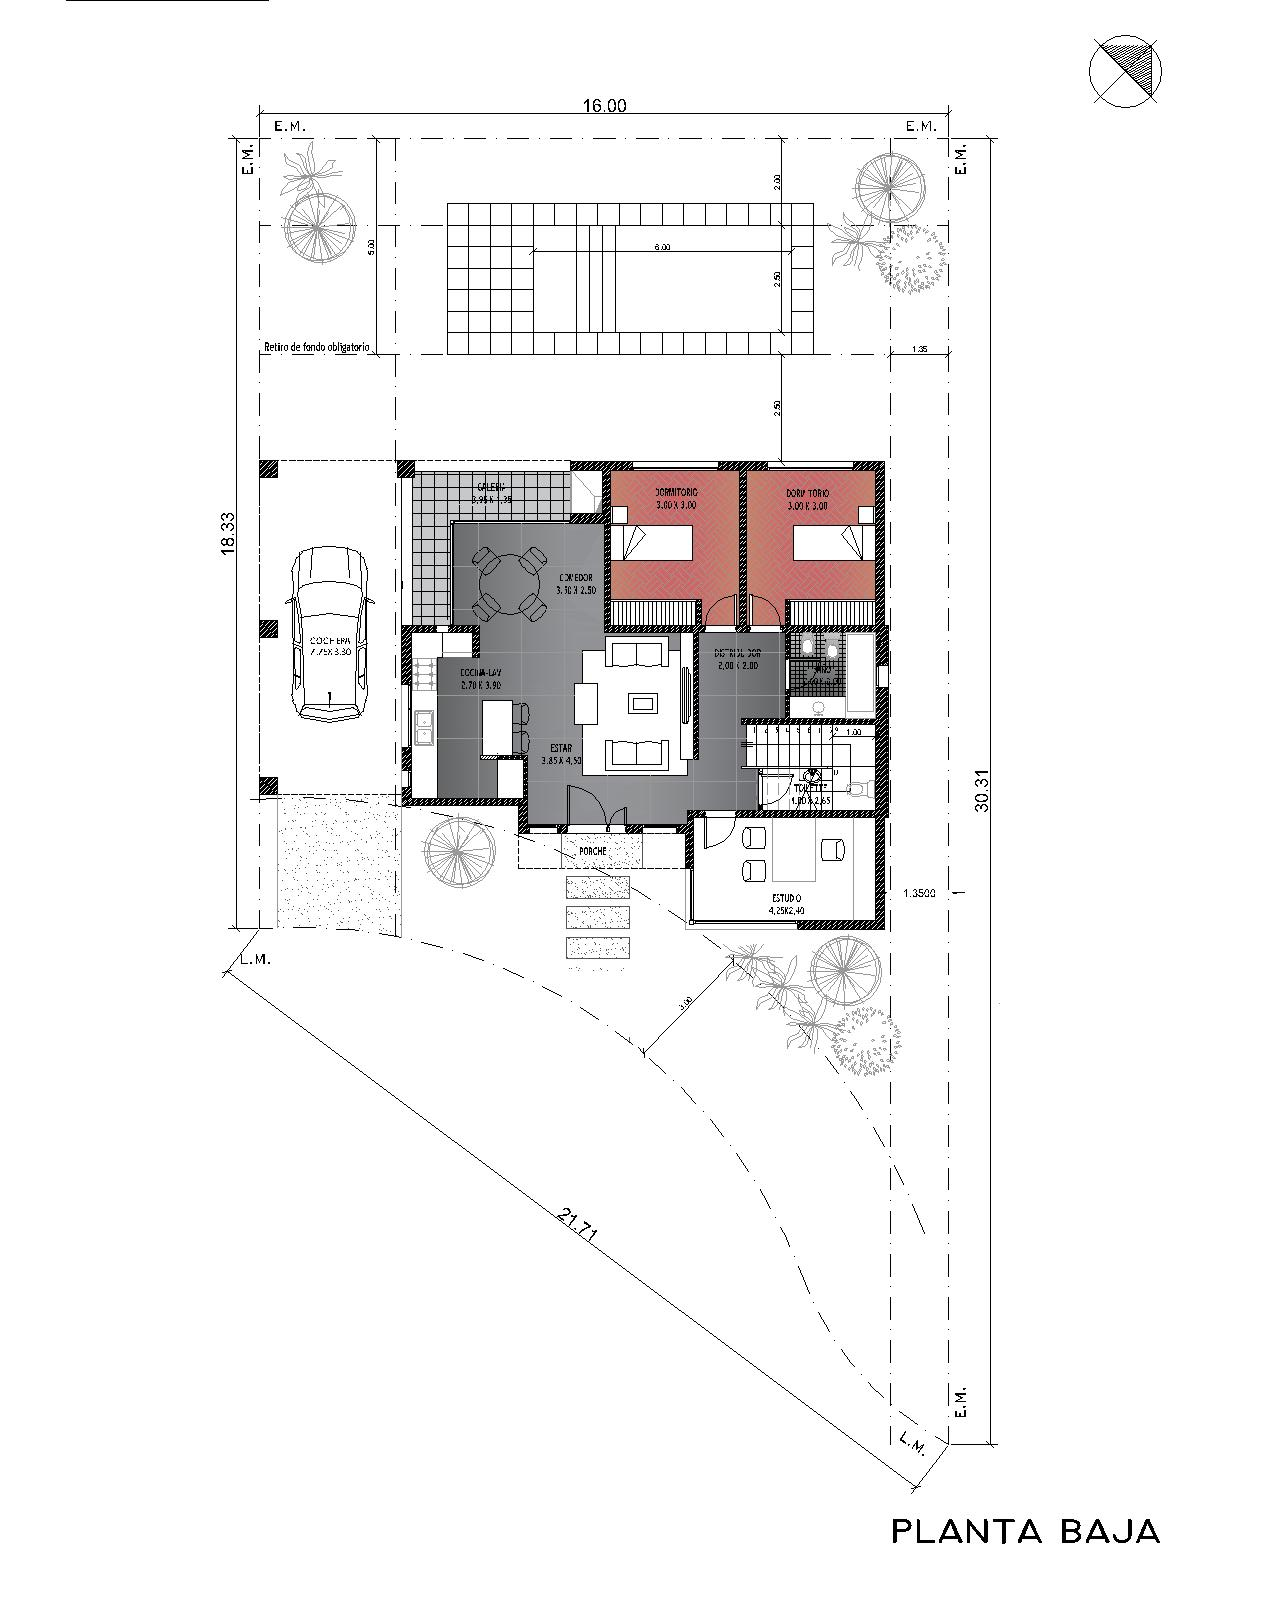 1.Baja Brisas de Adrogue-Lote 46-planta baja